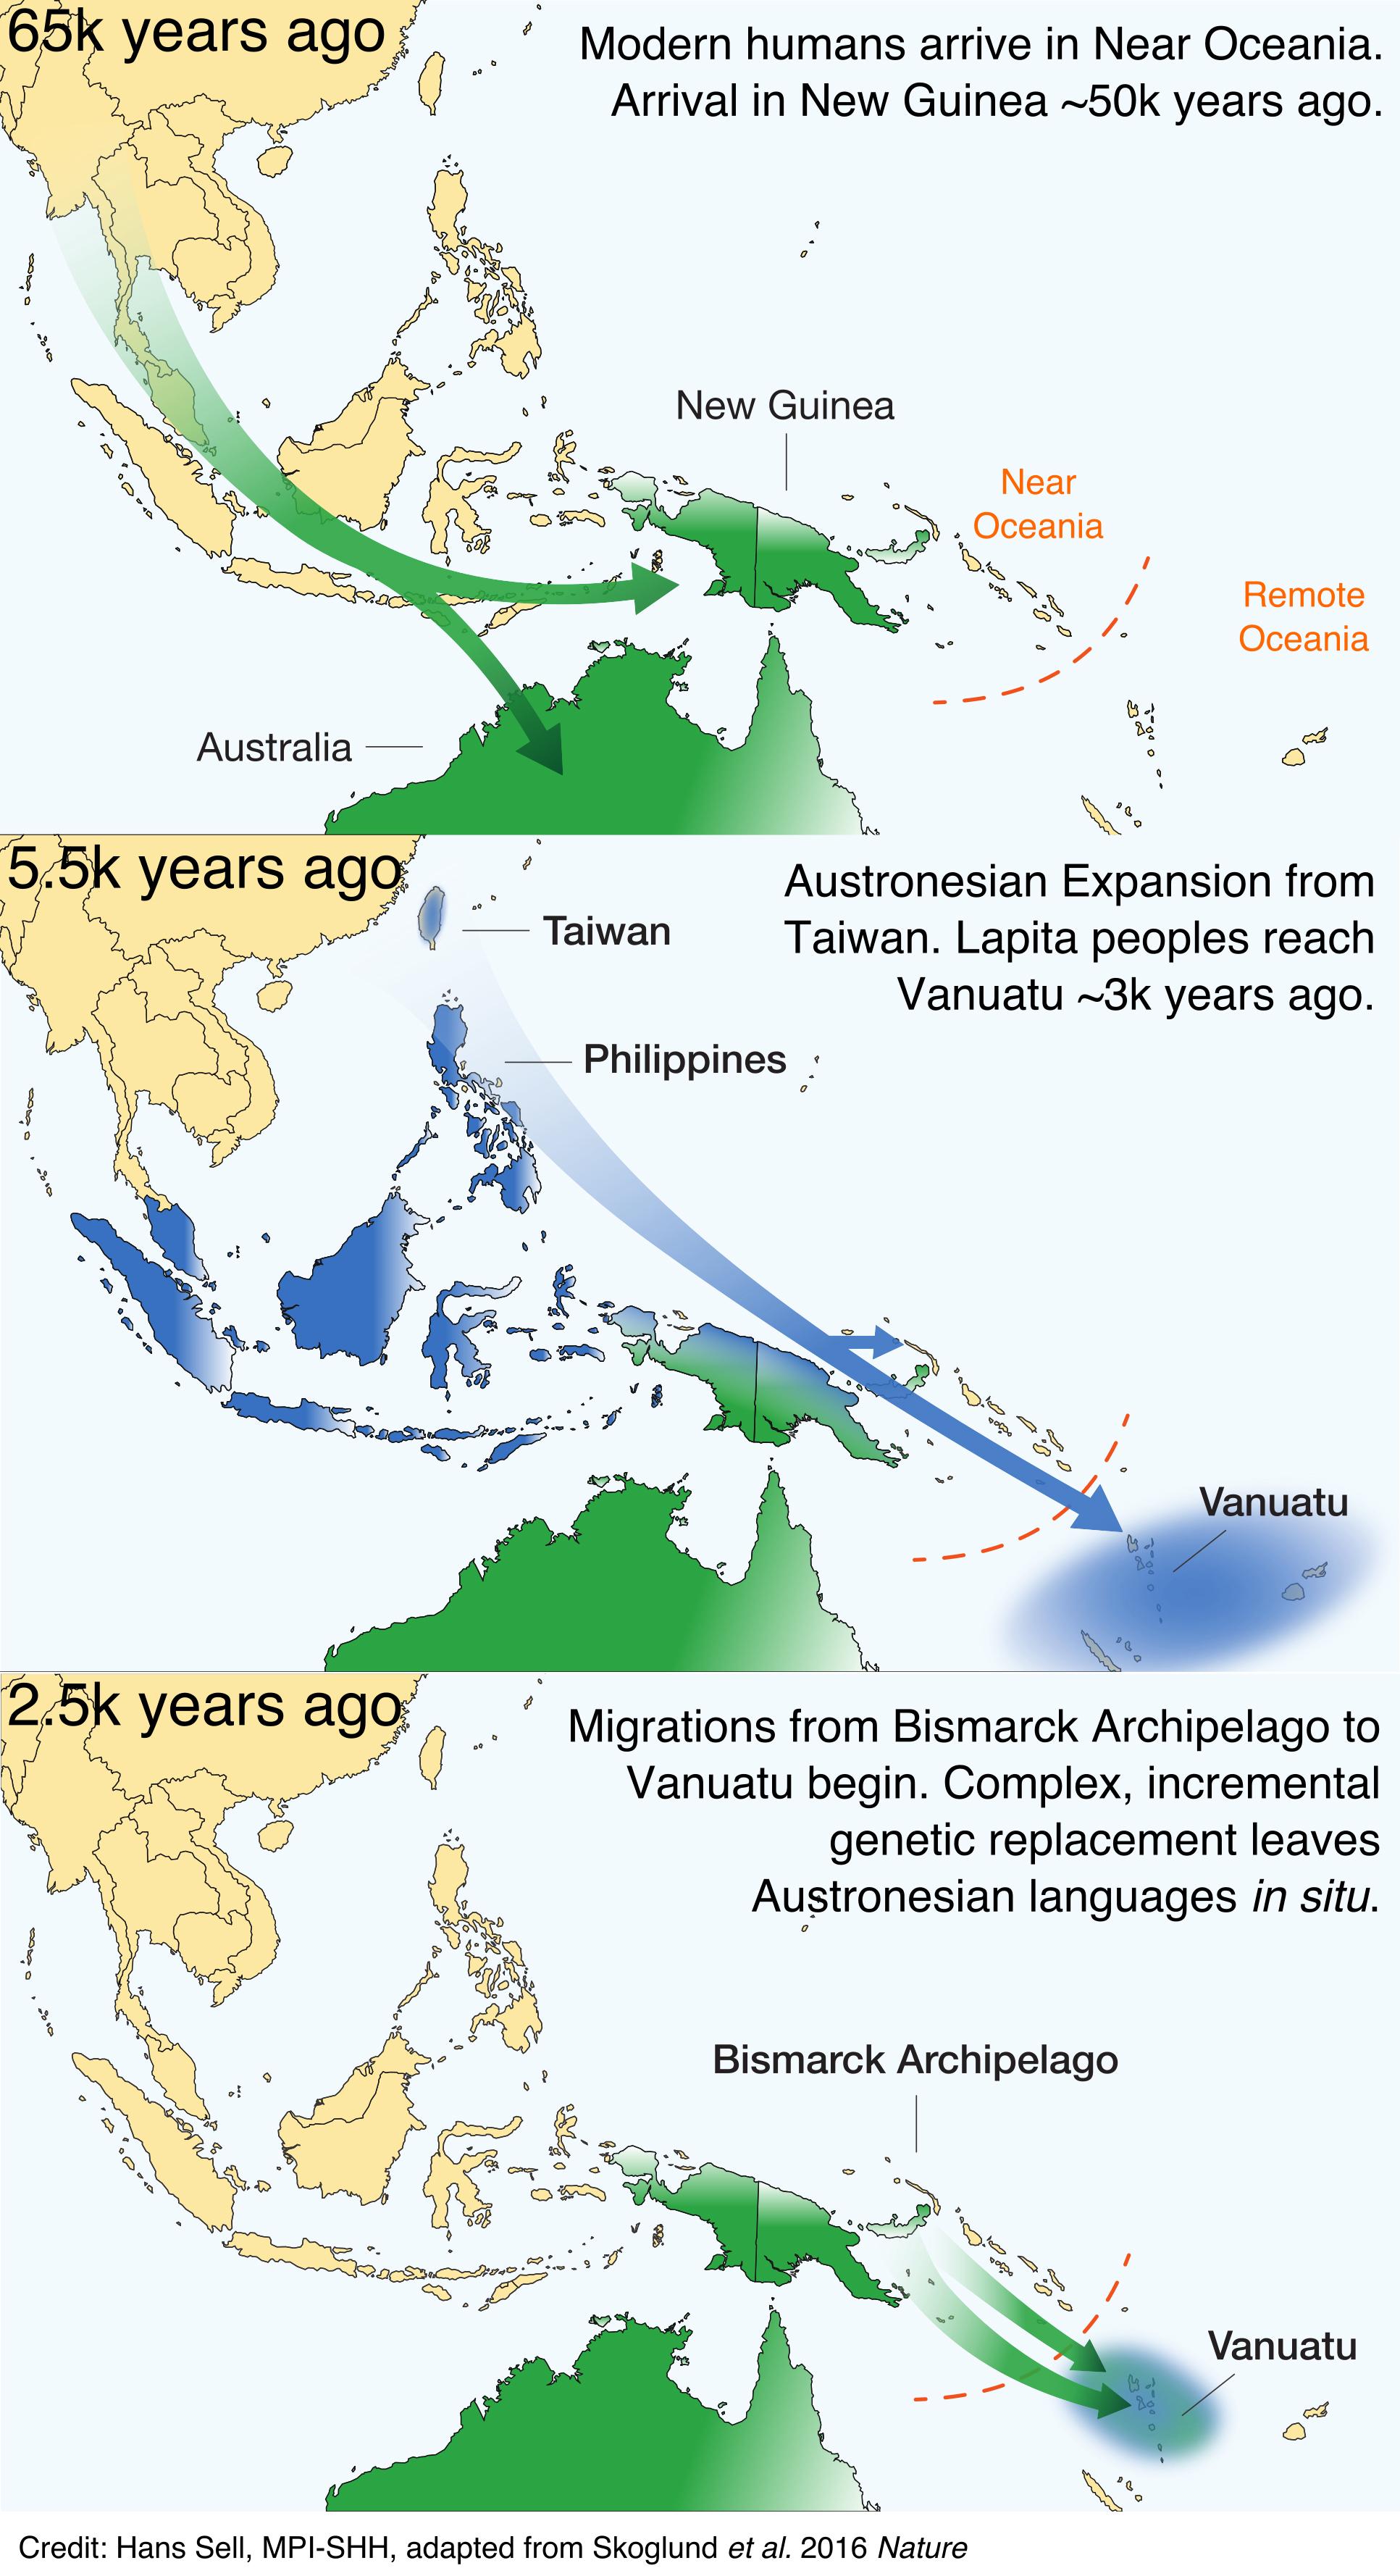 Les cartes montrant les migrations dans la région. La dernière carte en bas montre les migrations révélées par cette étude - Crédit : Hans Sell, adapté depuis Skoglund et al. Genomic insights into the peopling of the Southwest Pacific. Nature (2016).